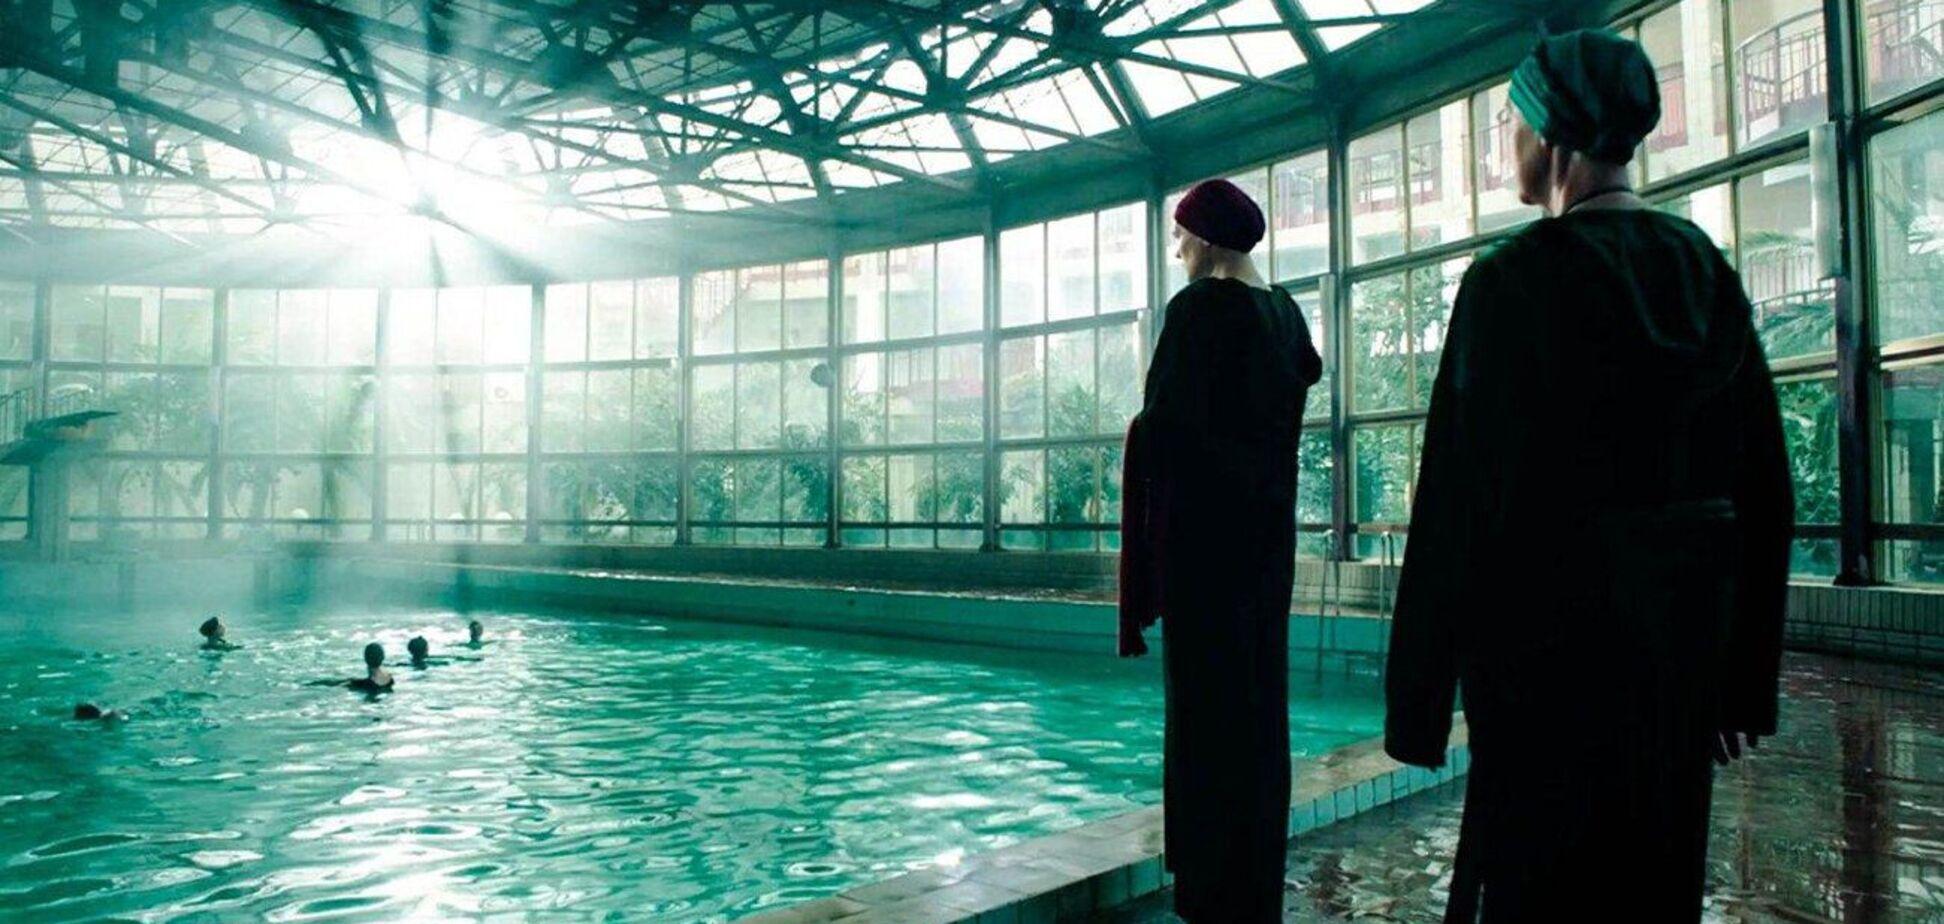 Український фільм 'Сторонній' став одним із найкращих жахів 2020 року